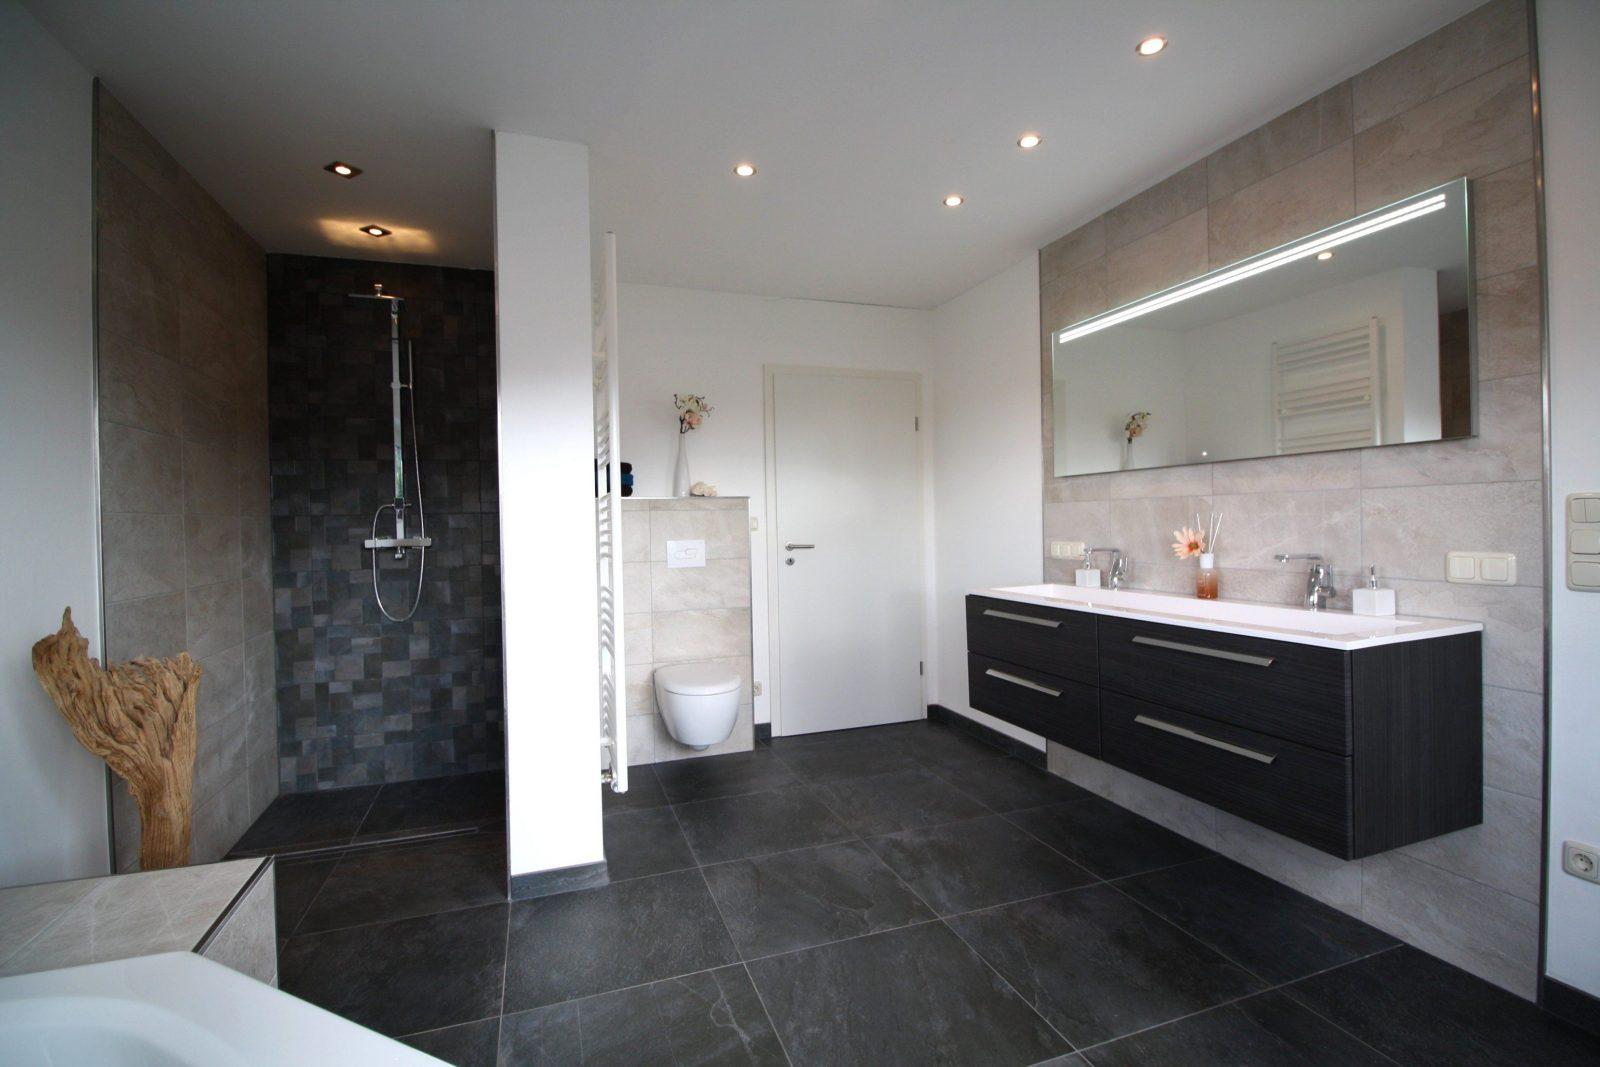 Best Badezimmer Beispiele 10 Qm Ideas  Globexusa  Globexusa von Badezimmer Beispiele 10 Qm Bild